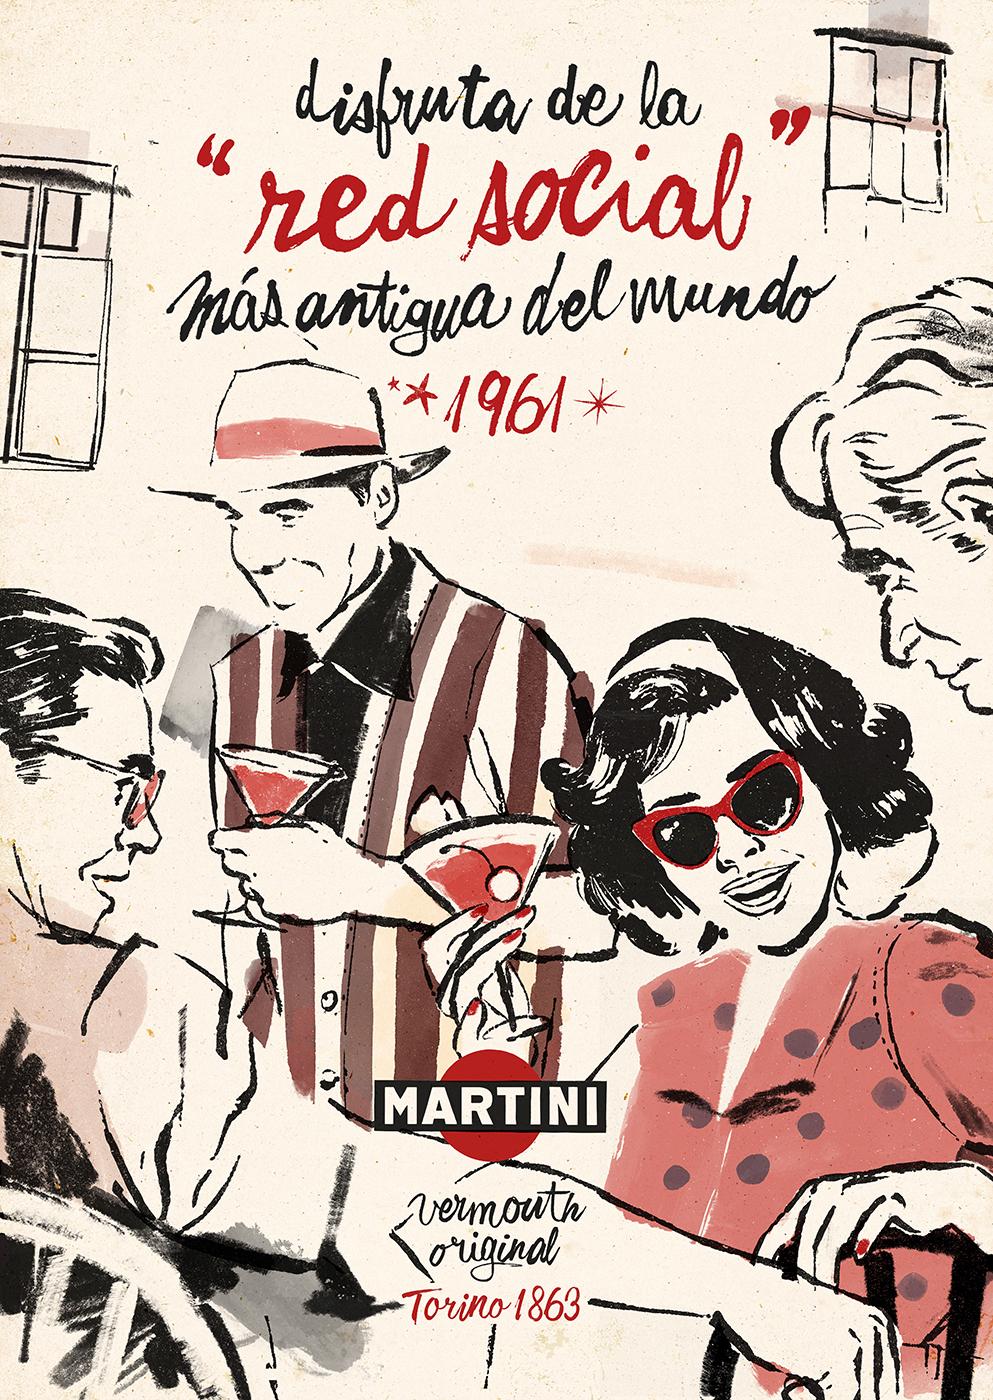 Martini 1961 (993x1400).jpg